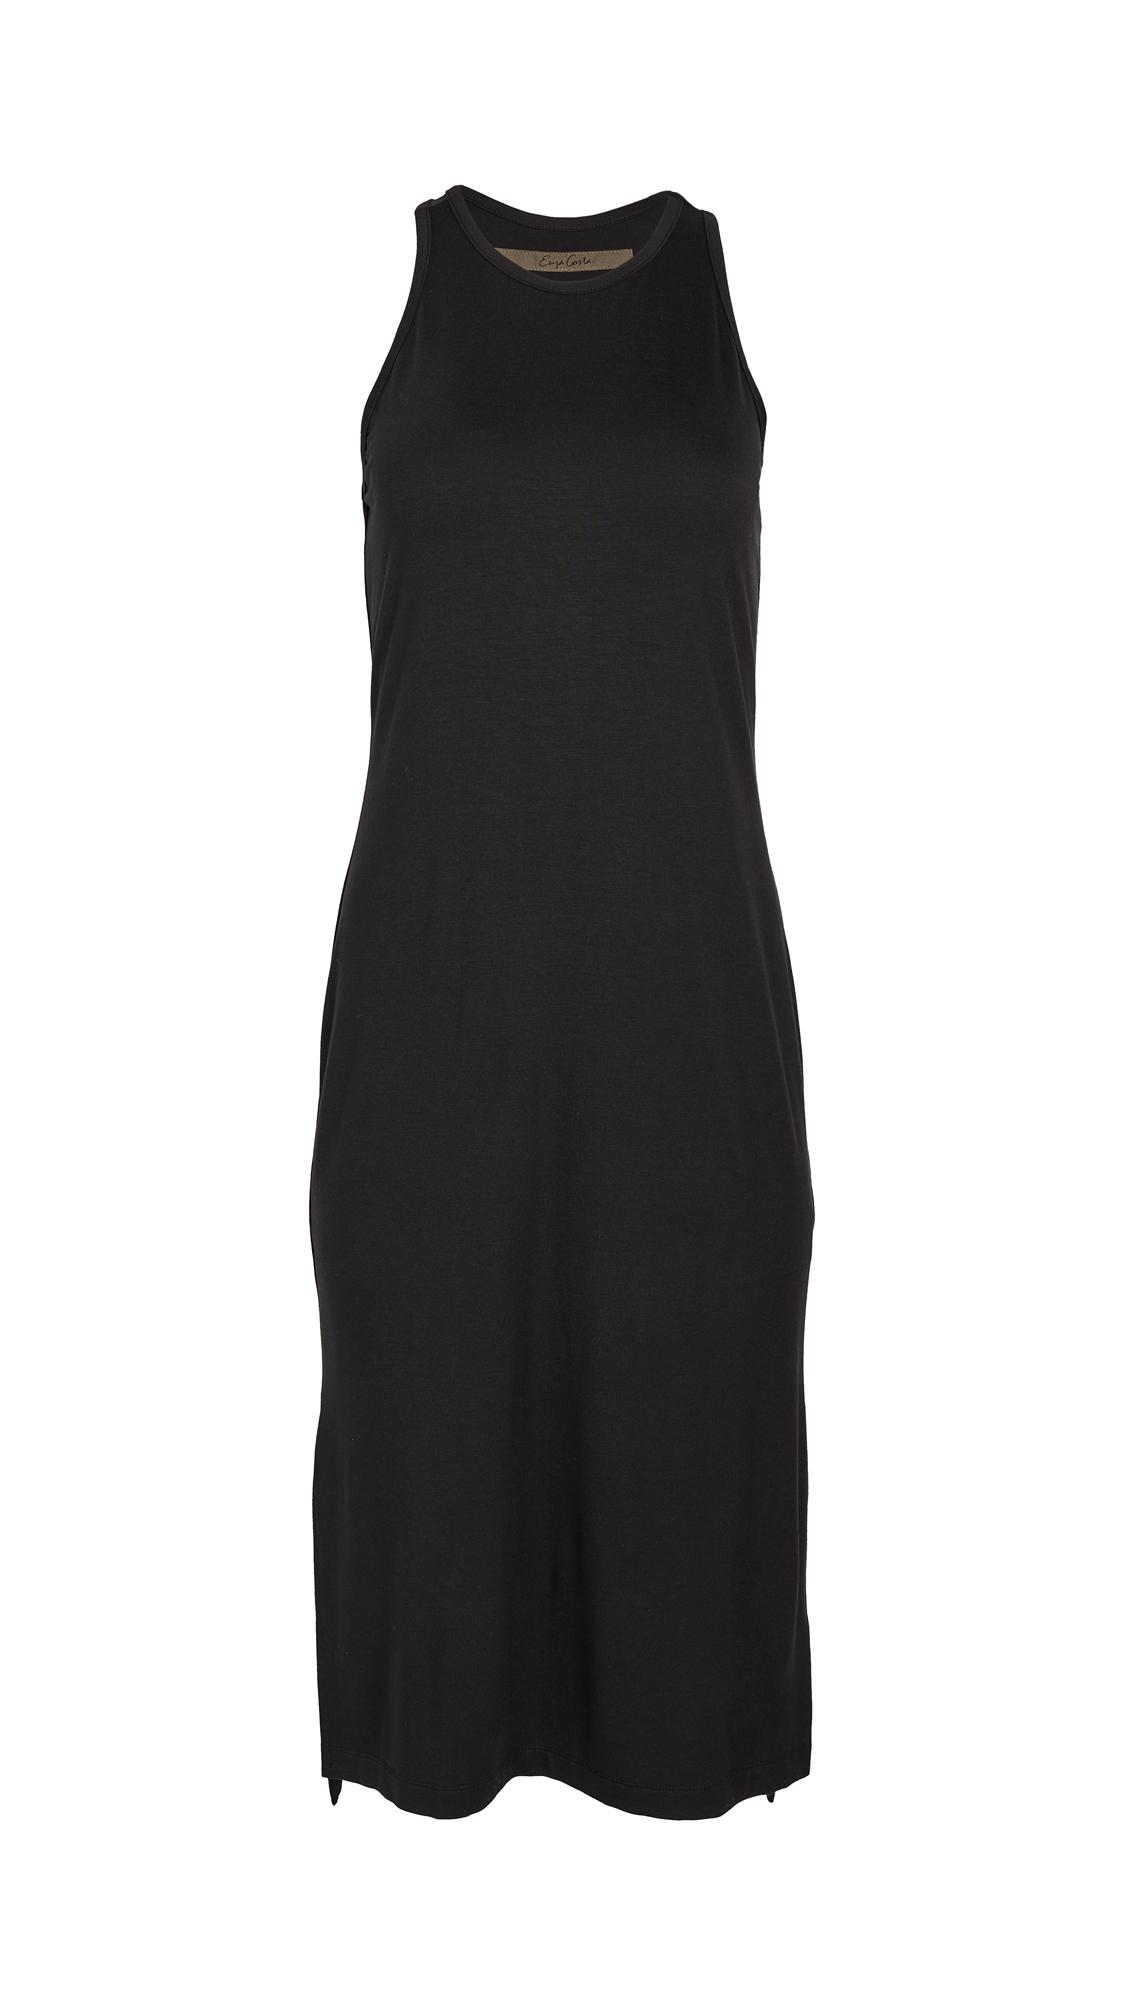 Enza Costa Matte Jersey Side Slit Sheath Dress